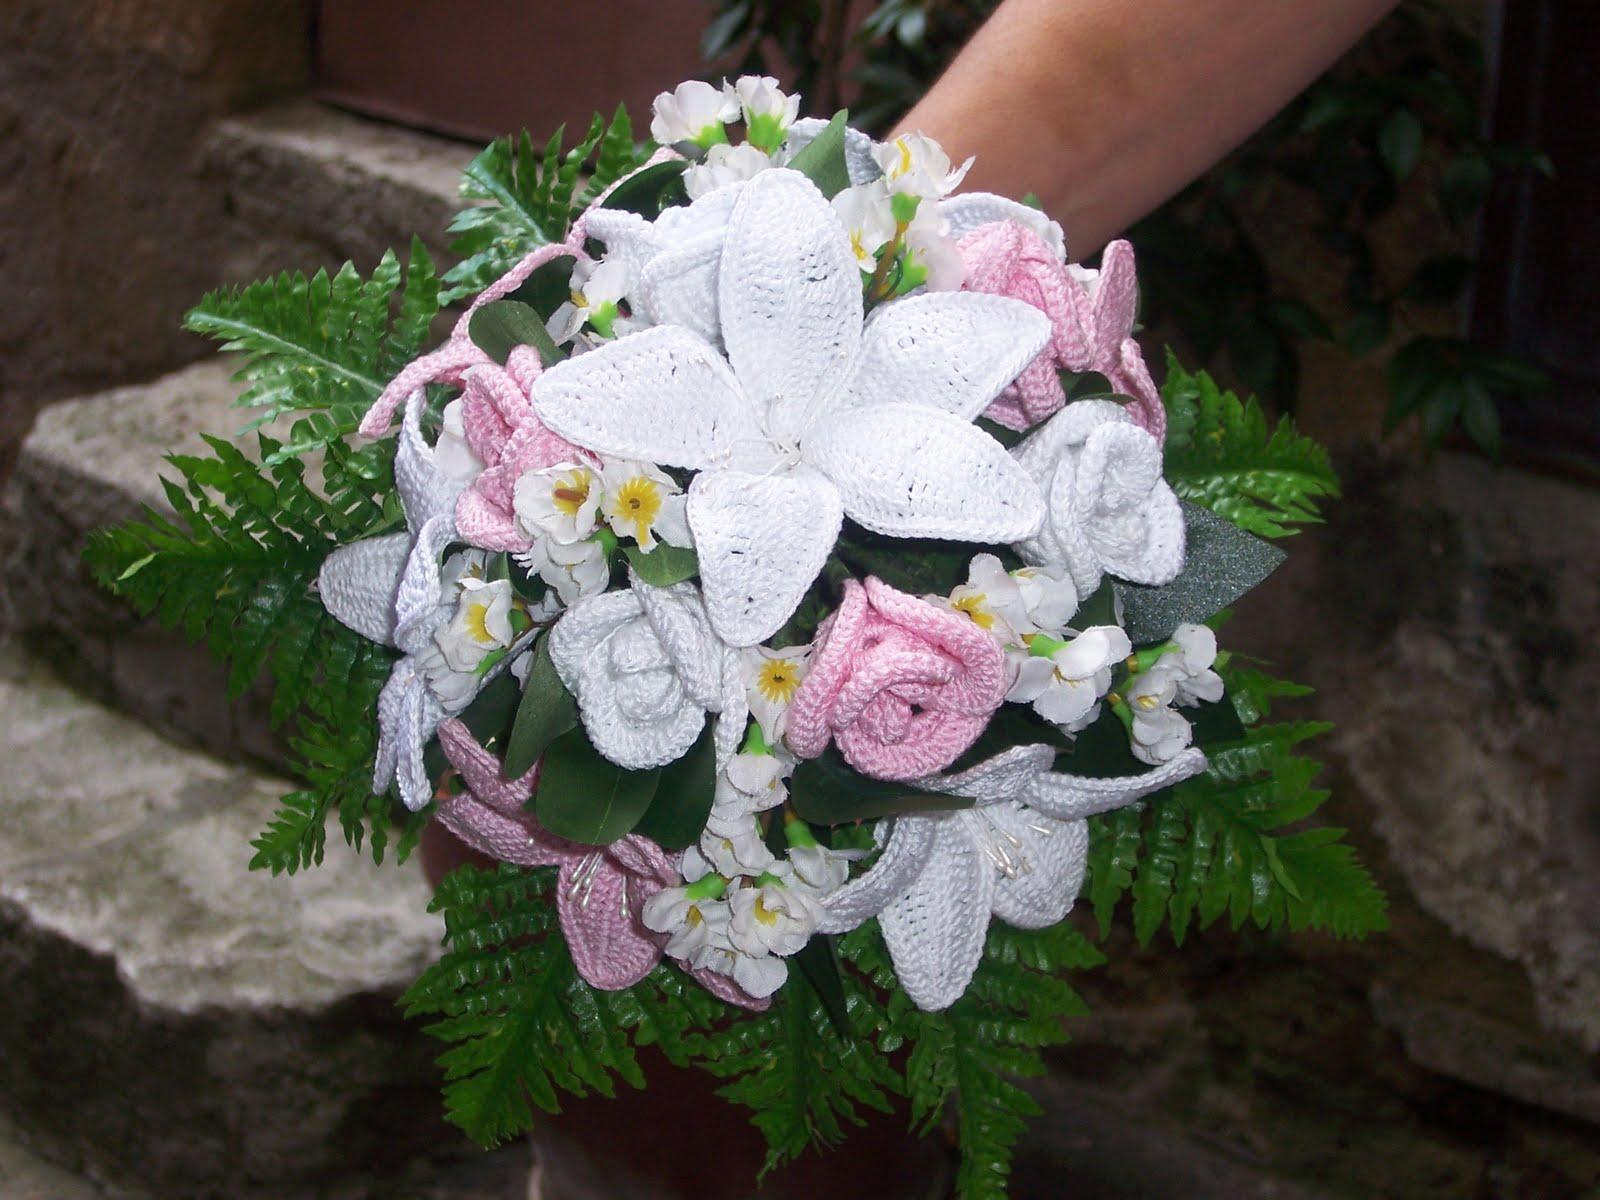 Piante Ad Uncinetto : L uncinetto di franca bouquet fiori all